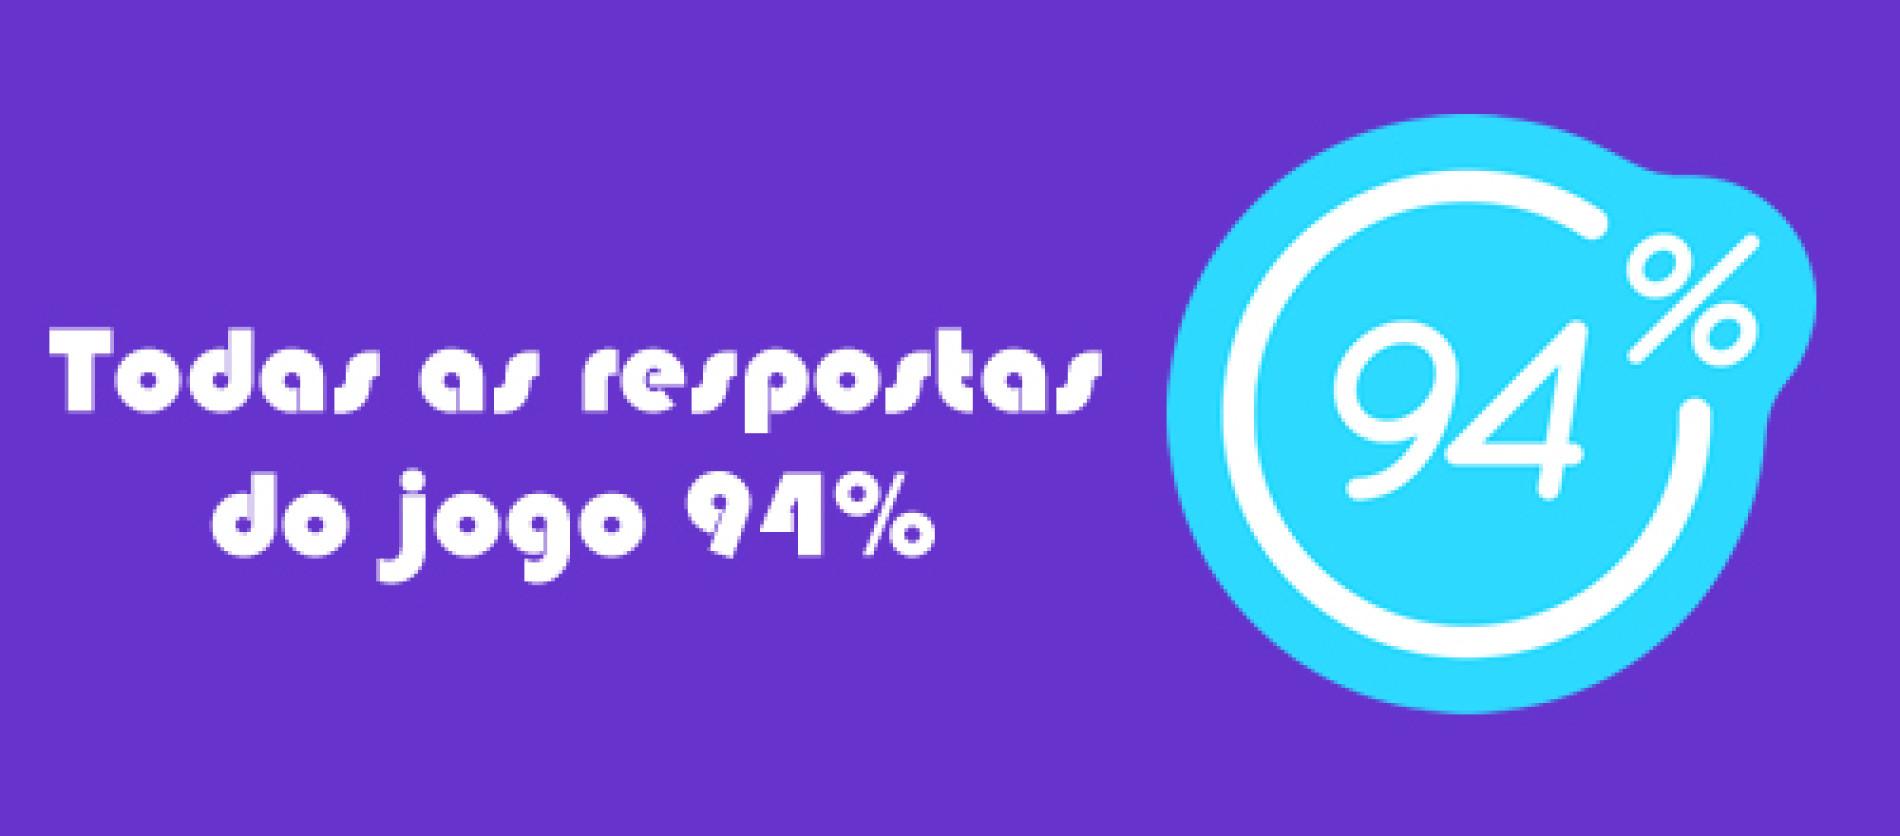 eeaa87facb42 94% TODAS as respostas do jogo - App Android e IOS